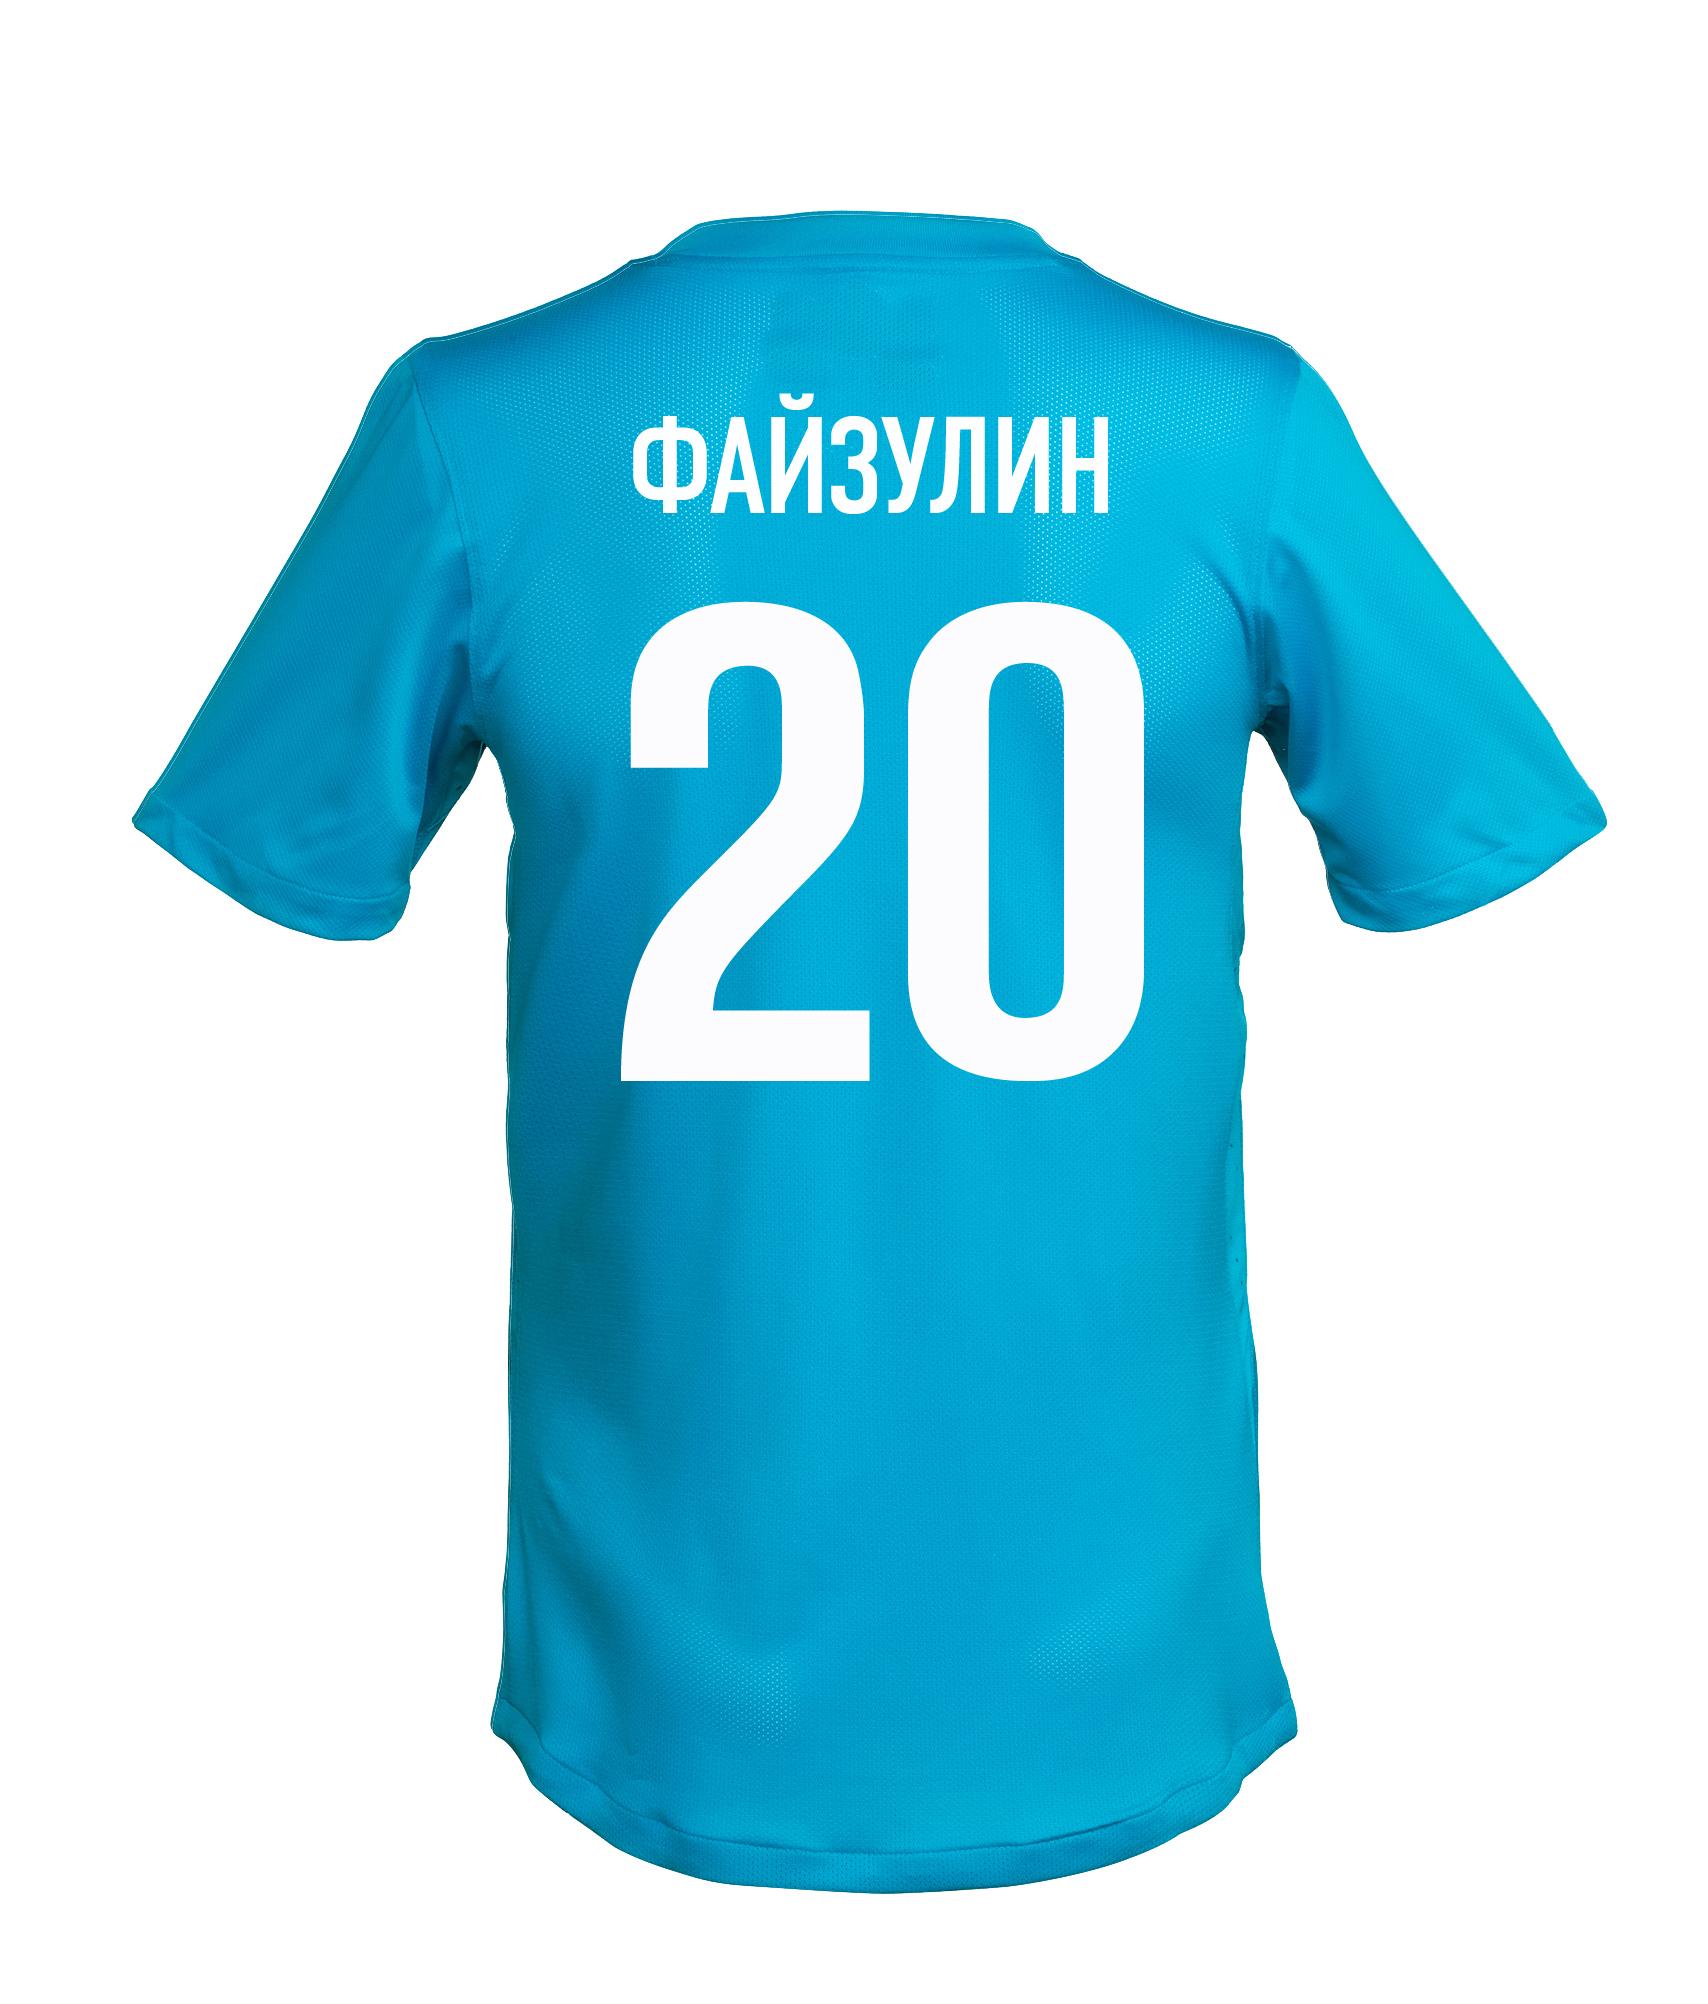 Игровая футболка с фамилией и номером В. Файзулина, Цвет-Синий, Размер-M